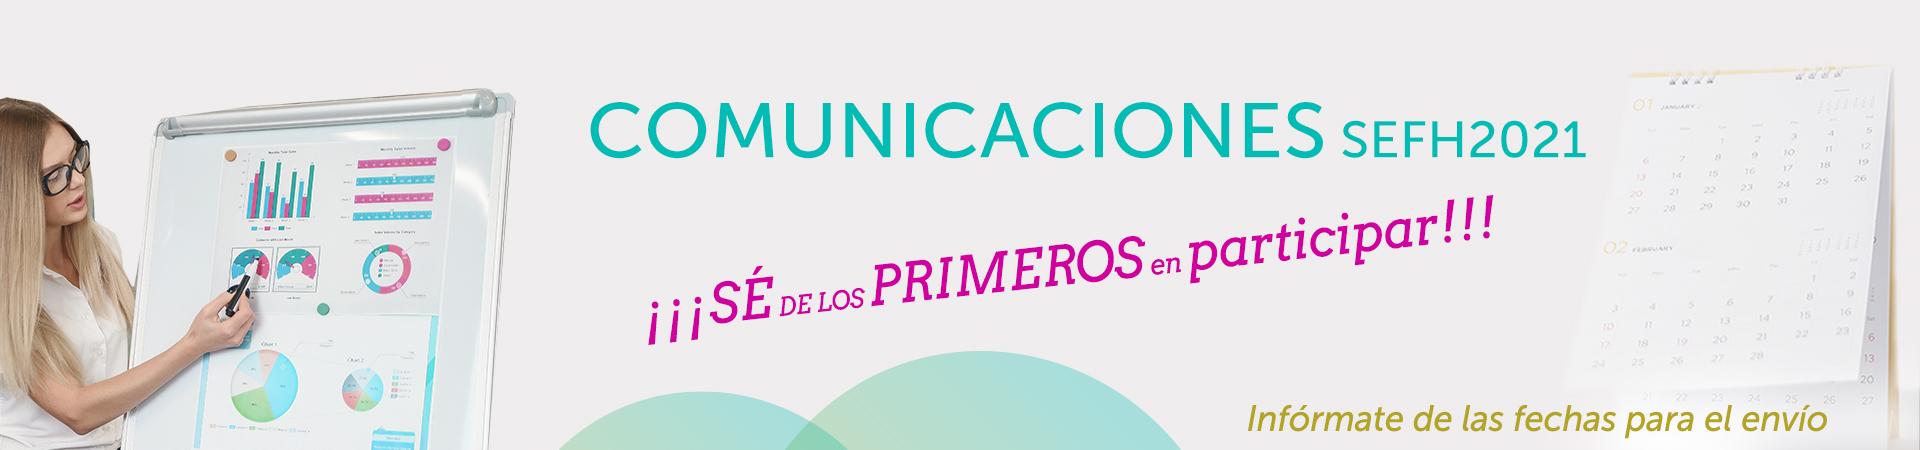 66 Congreso SEFH - Comunicaciones